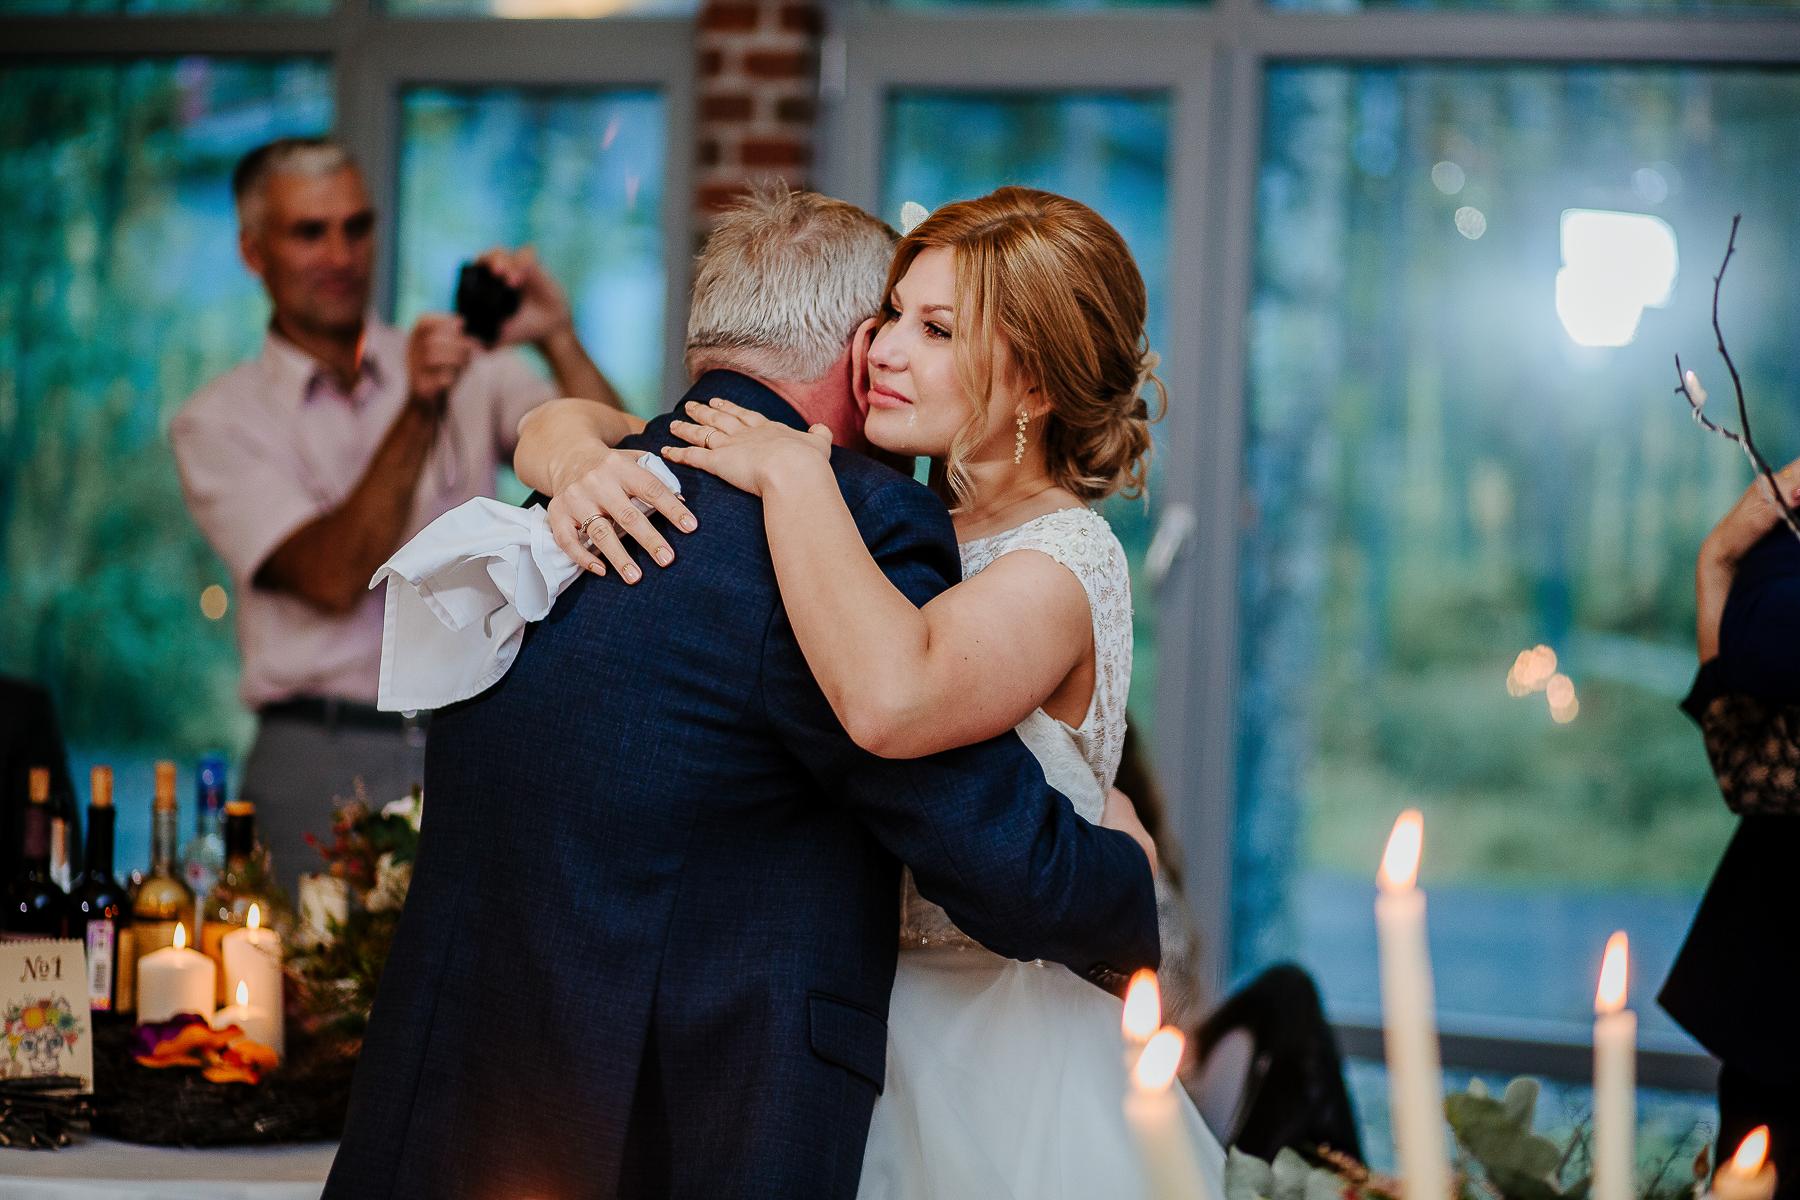 нанять фотографа на свадьбу в спб мигранты